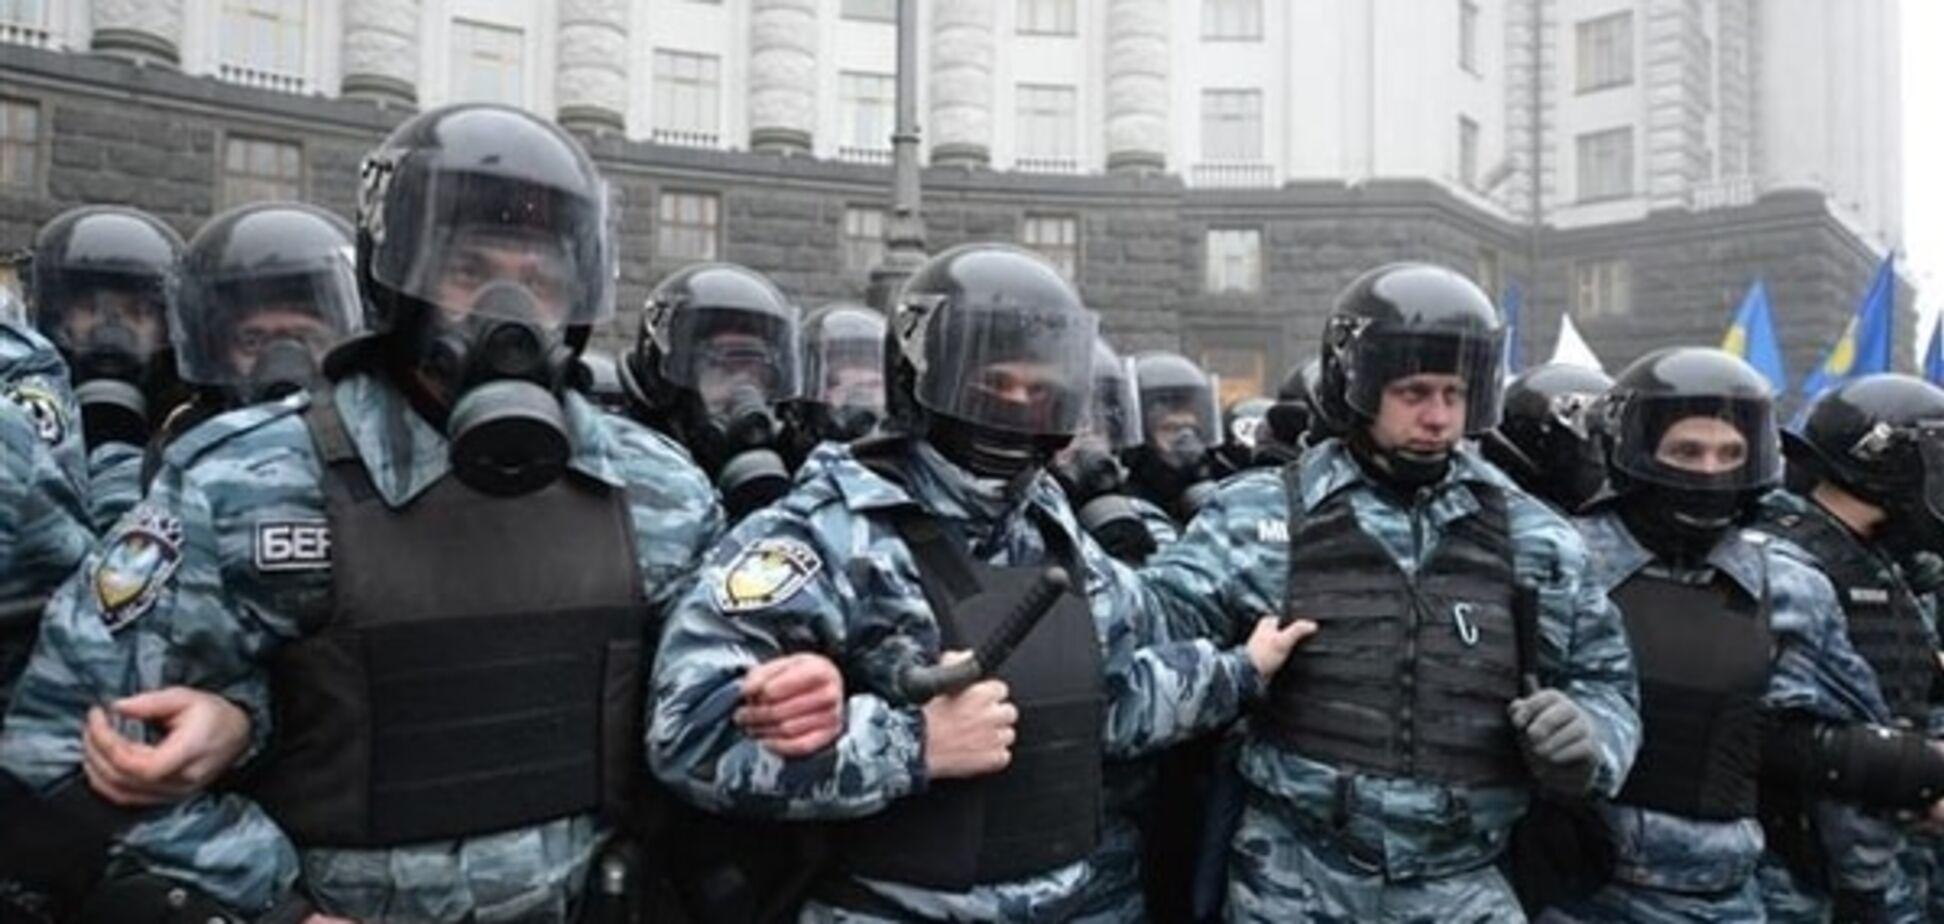 Все 'беркутовцы' избегают показаний по делу о расстреле Майдана – ГПУ